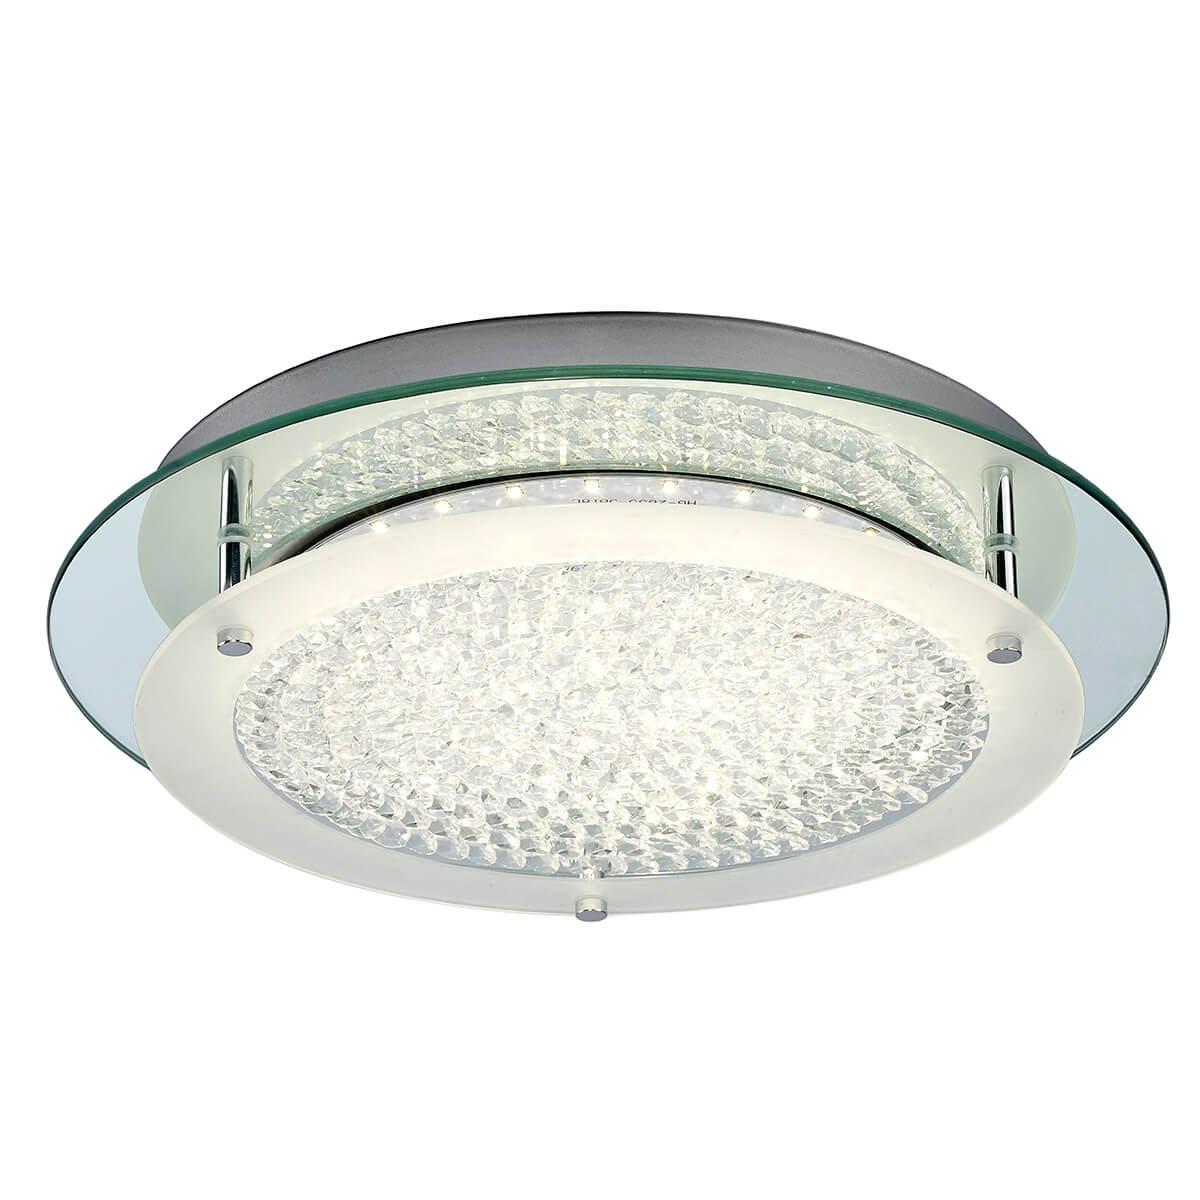 Светильник Mantra 5091 Crystal фото